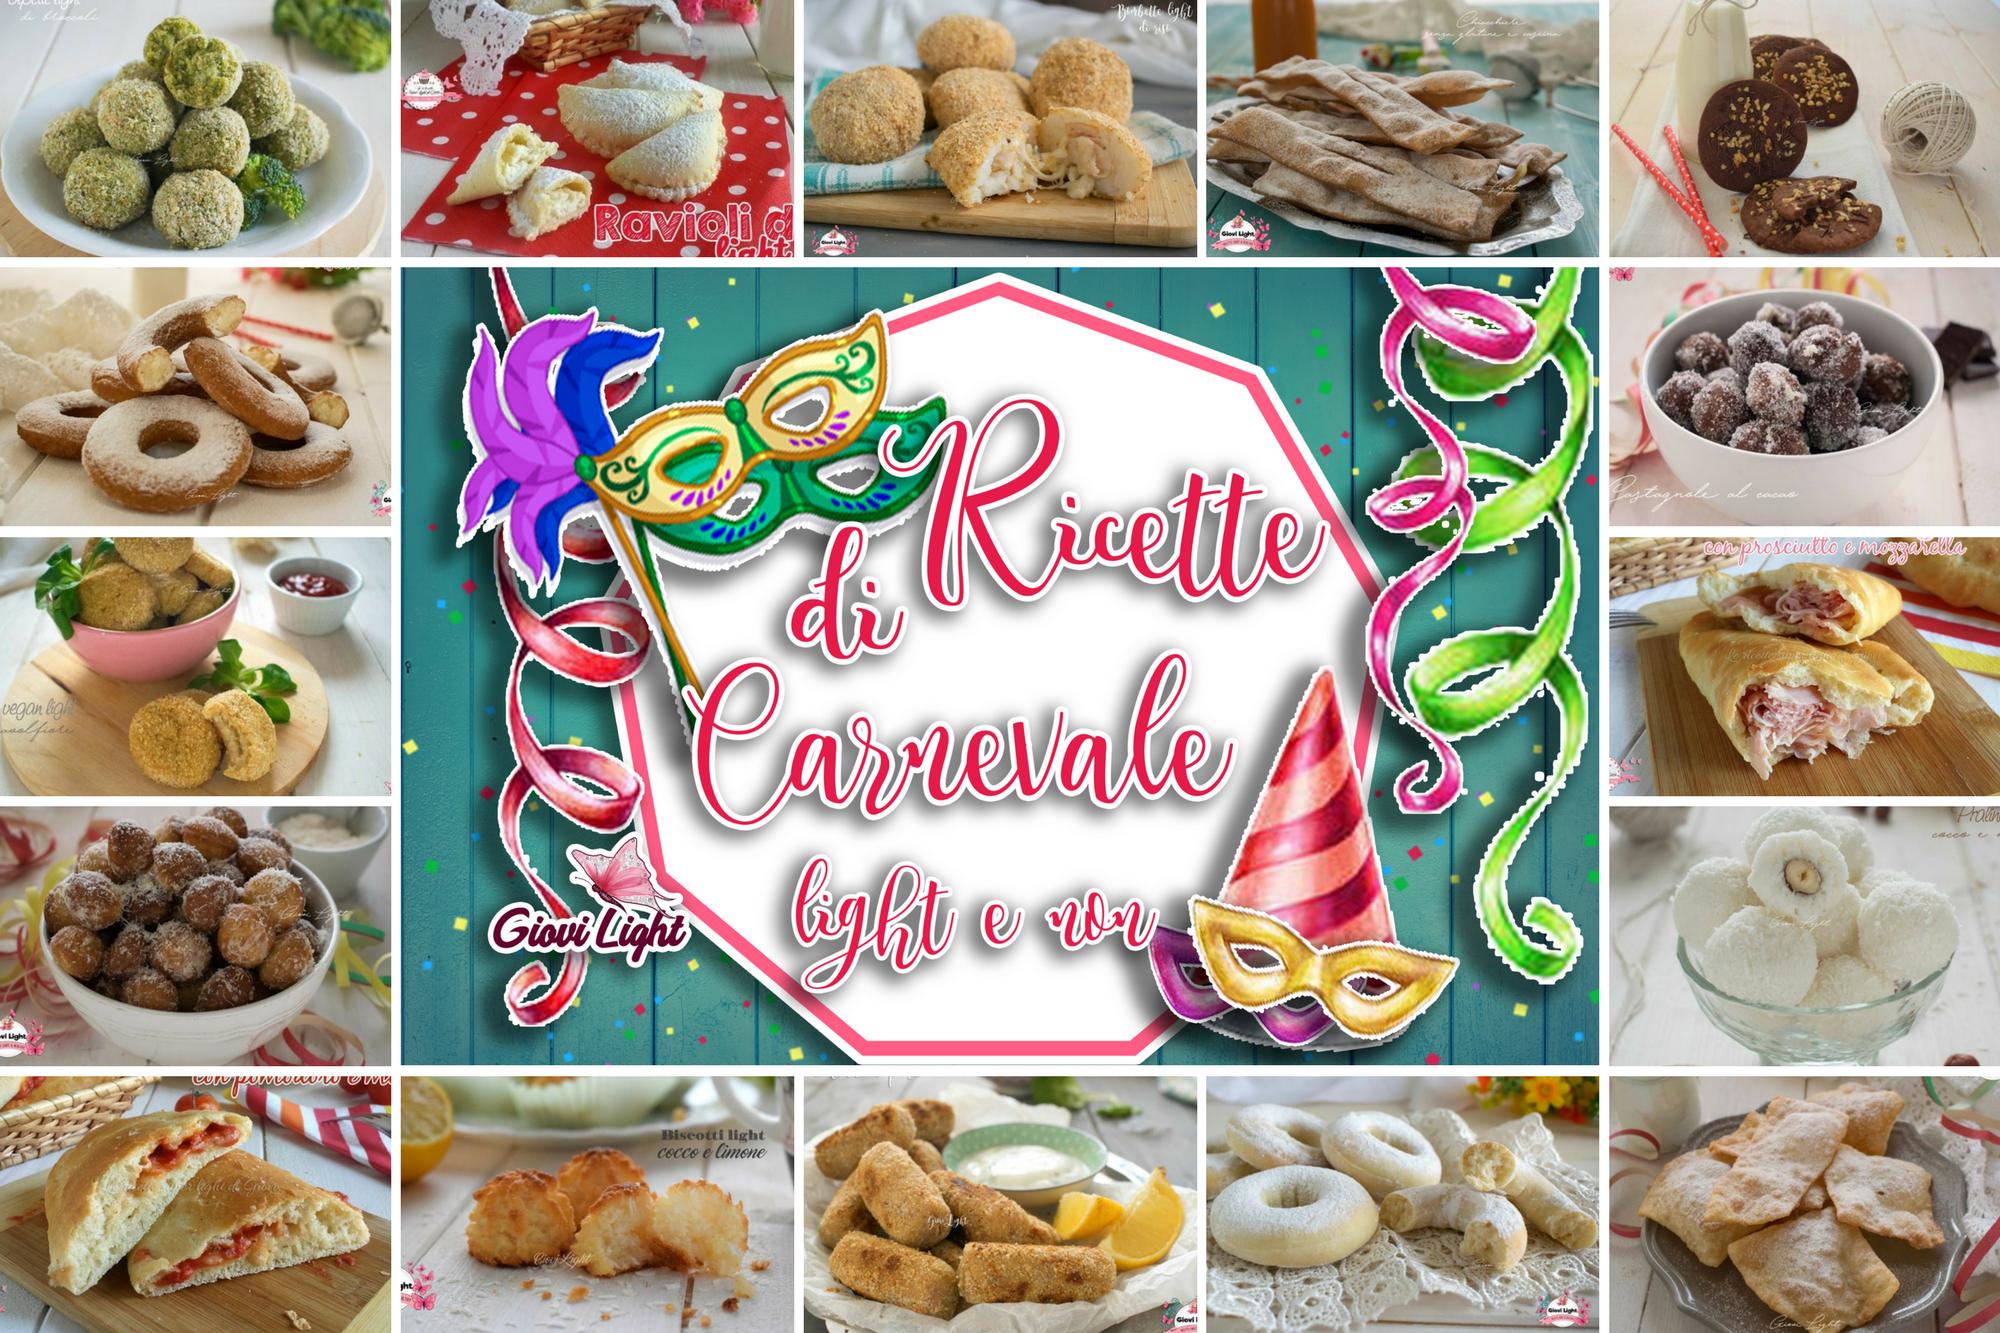 Le ricette light di giovi dolci